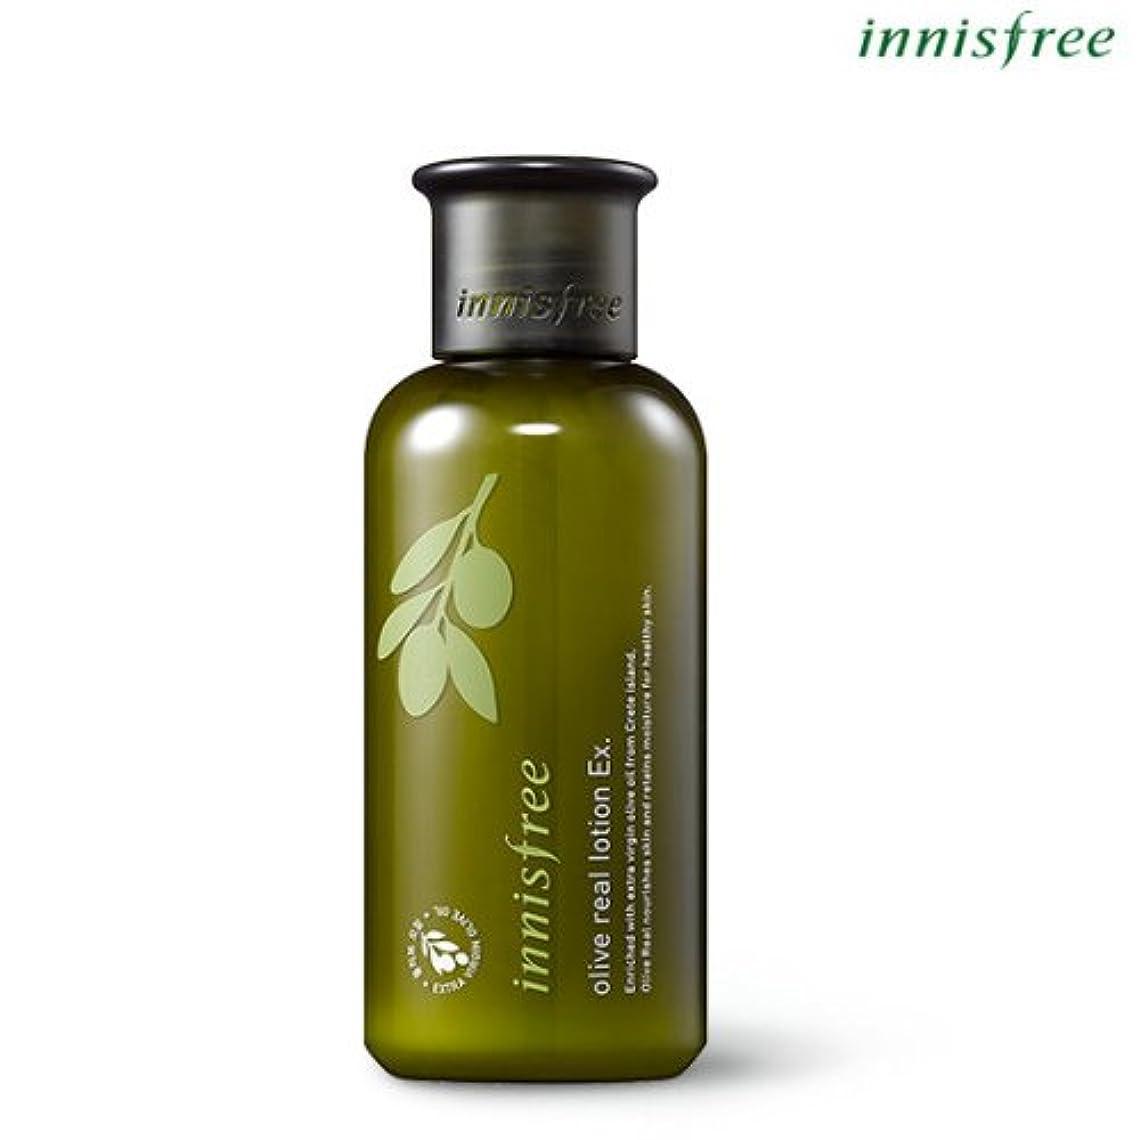 症候群ジェスチャー肩をすくめる[INNISFREE]イニスフリーオリーブリアルローションEx.160ml olive real lotion Ex.160ml [並行輸入品]